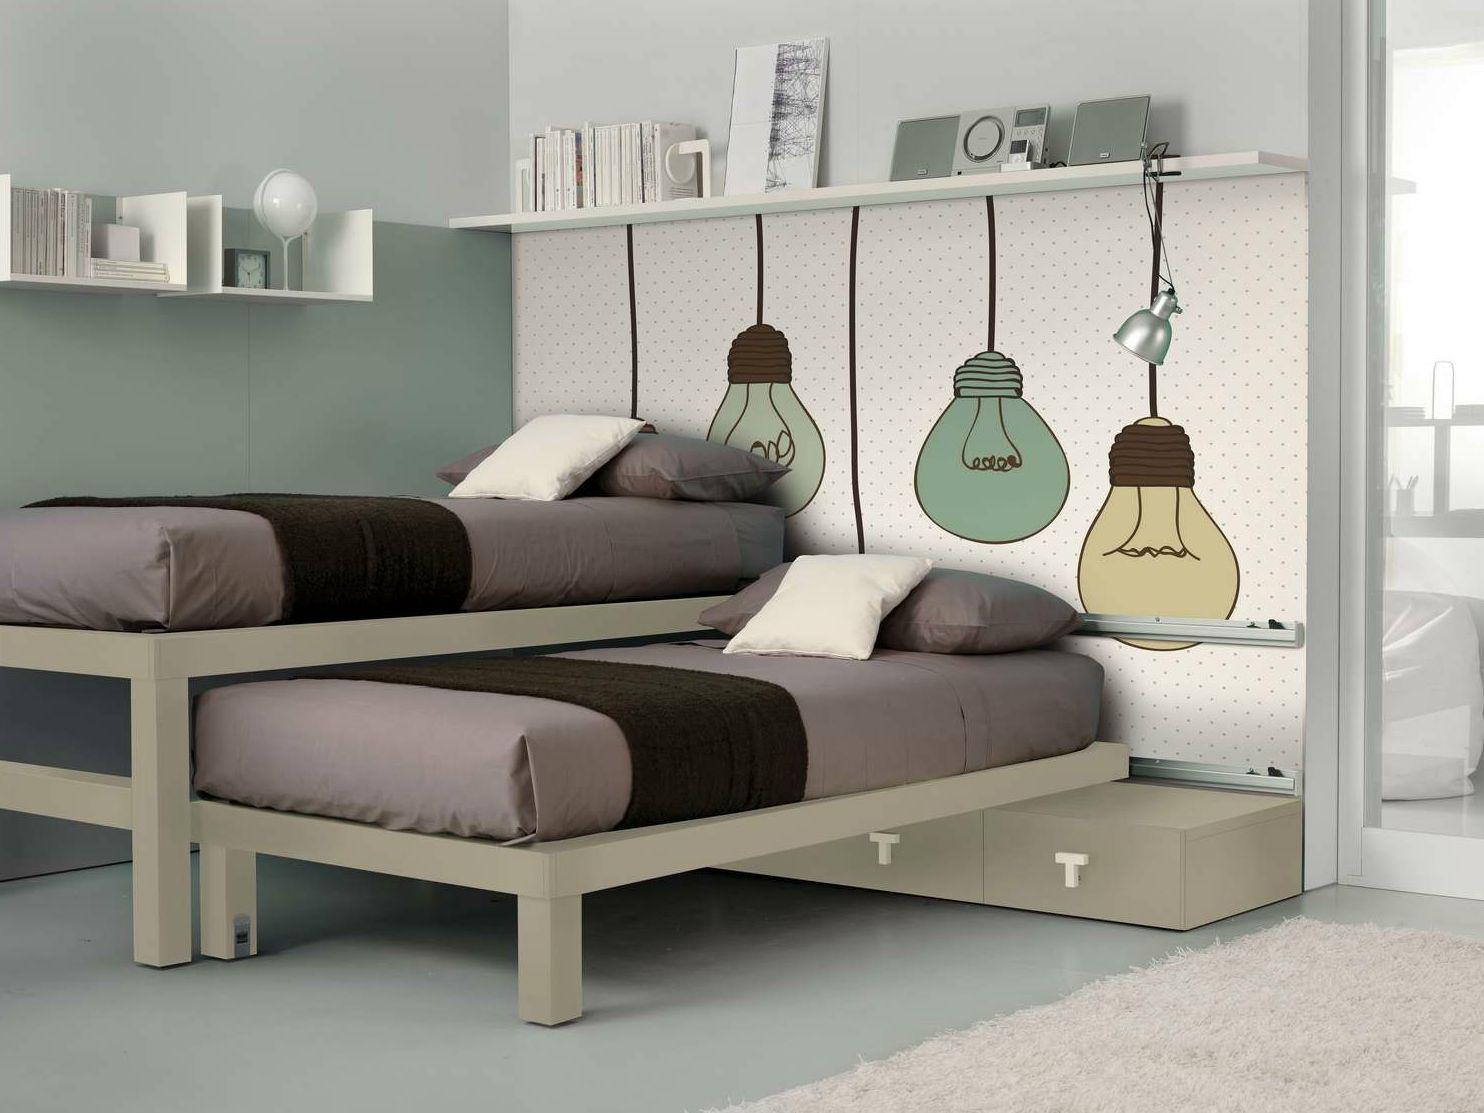 Cameretta con letto estraibile per ragazzi tiramolla 919 for Letti scorrevoli per camerette